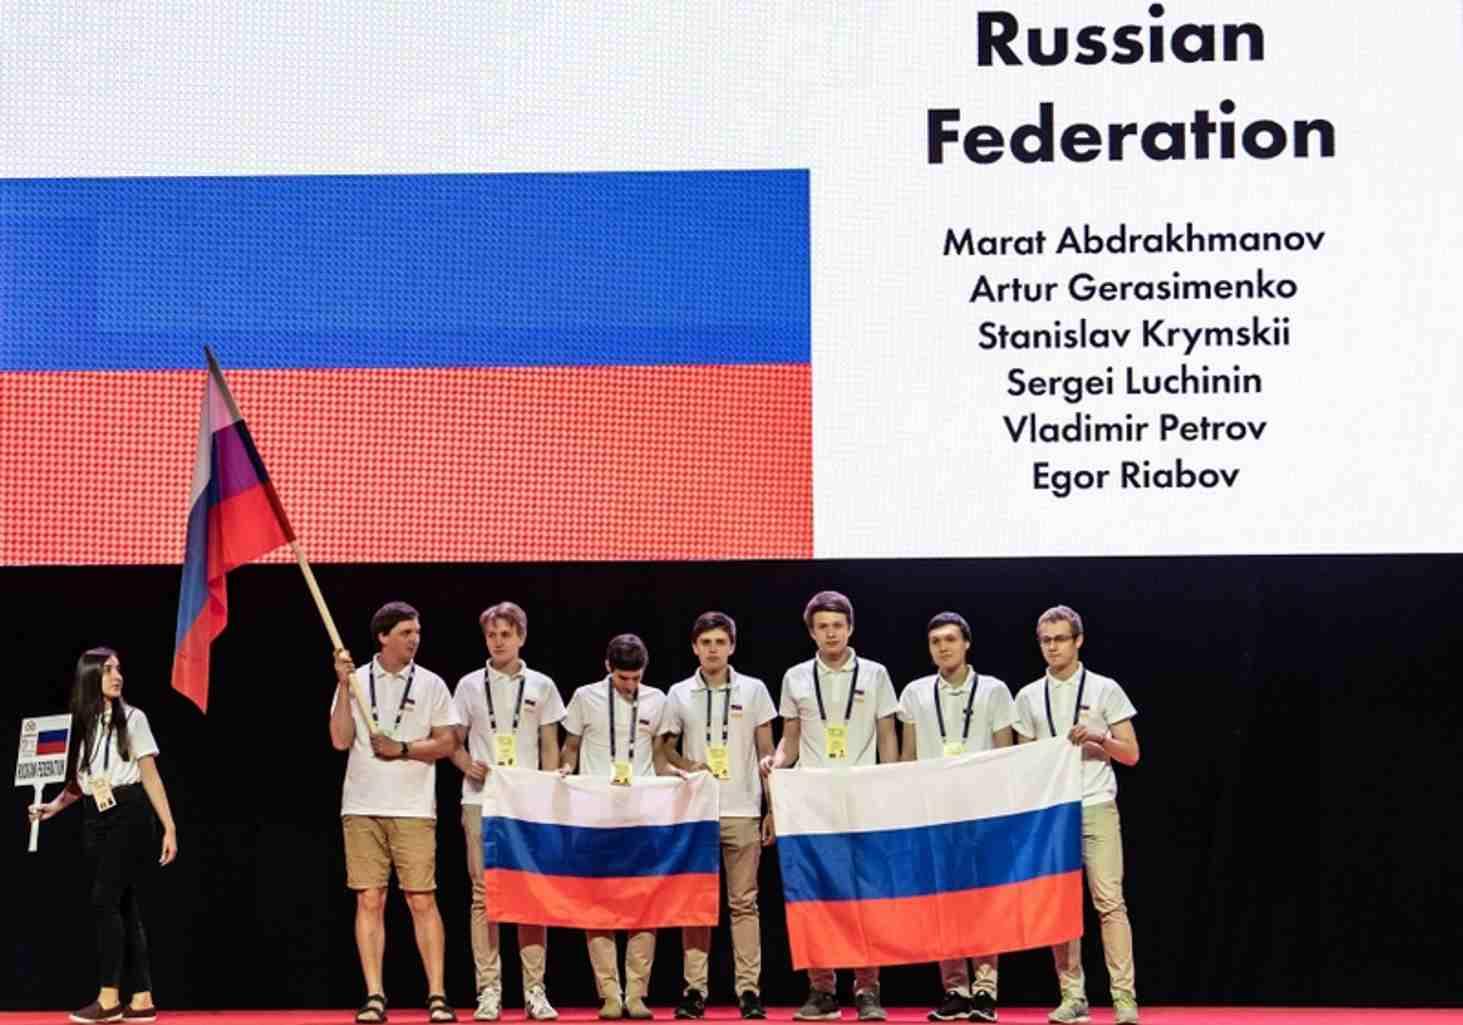 rossijskie-shkolniki-zanyali-vtoroe-mesto-na-mezhdunarodnoj-matematicheskoj-olimpiade